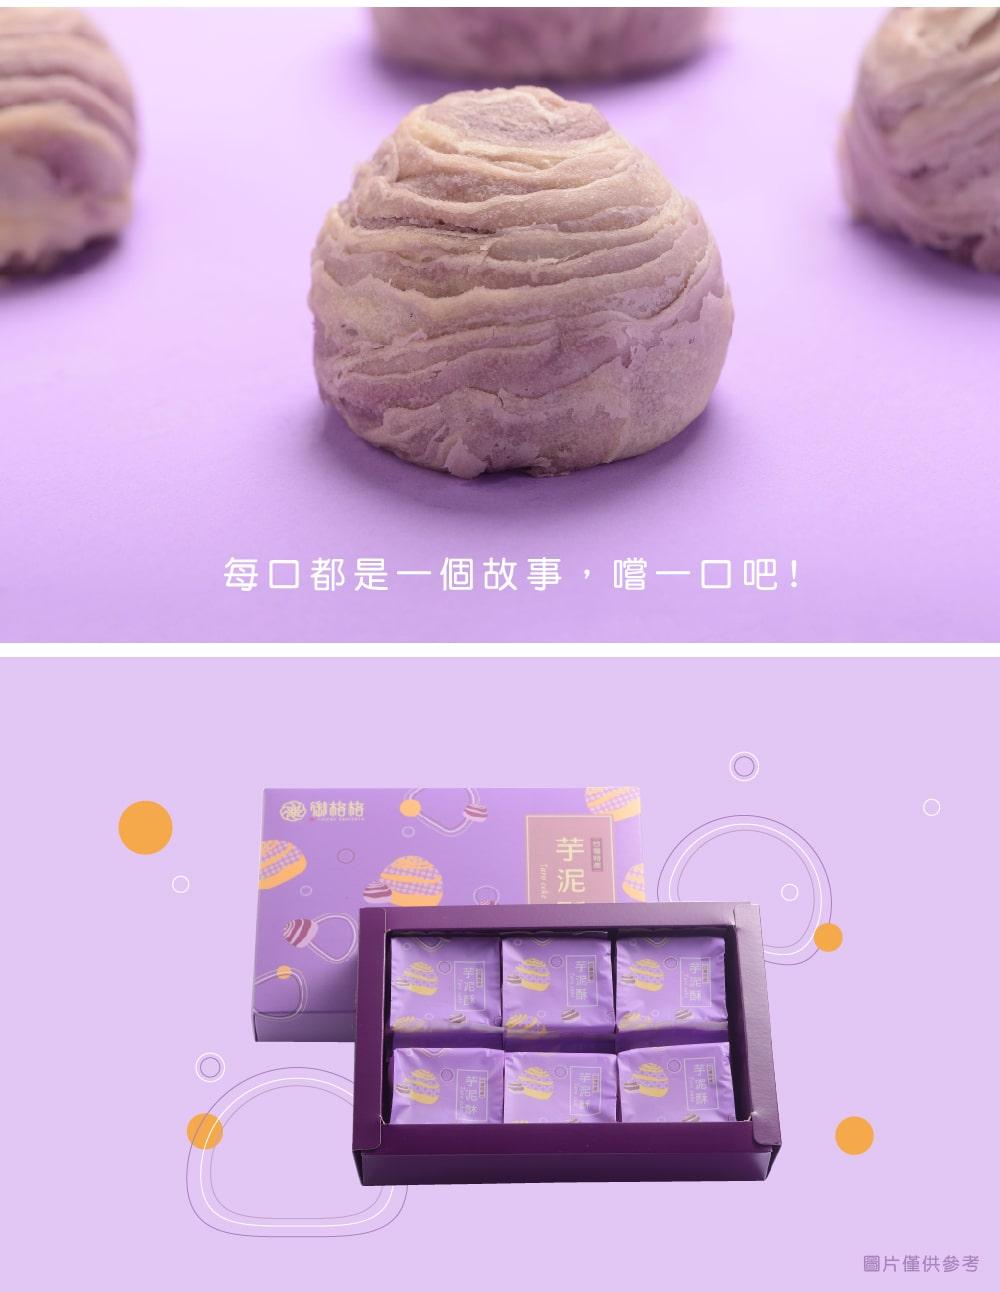 御格格-芋泥-綠豆椪-06-min